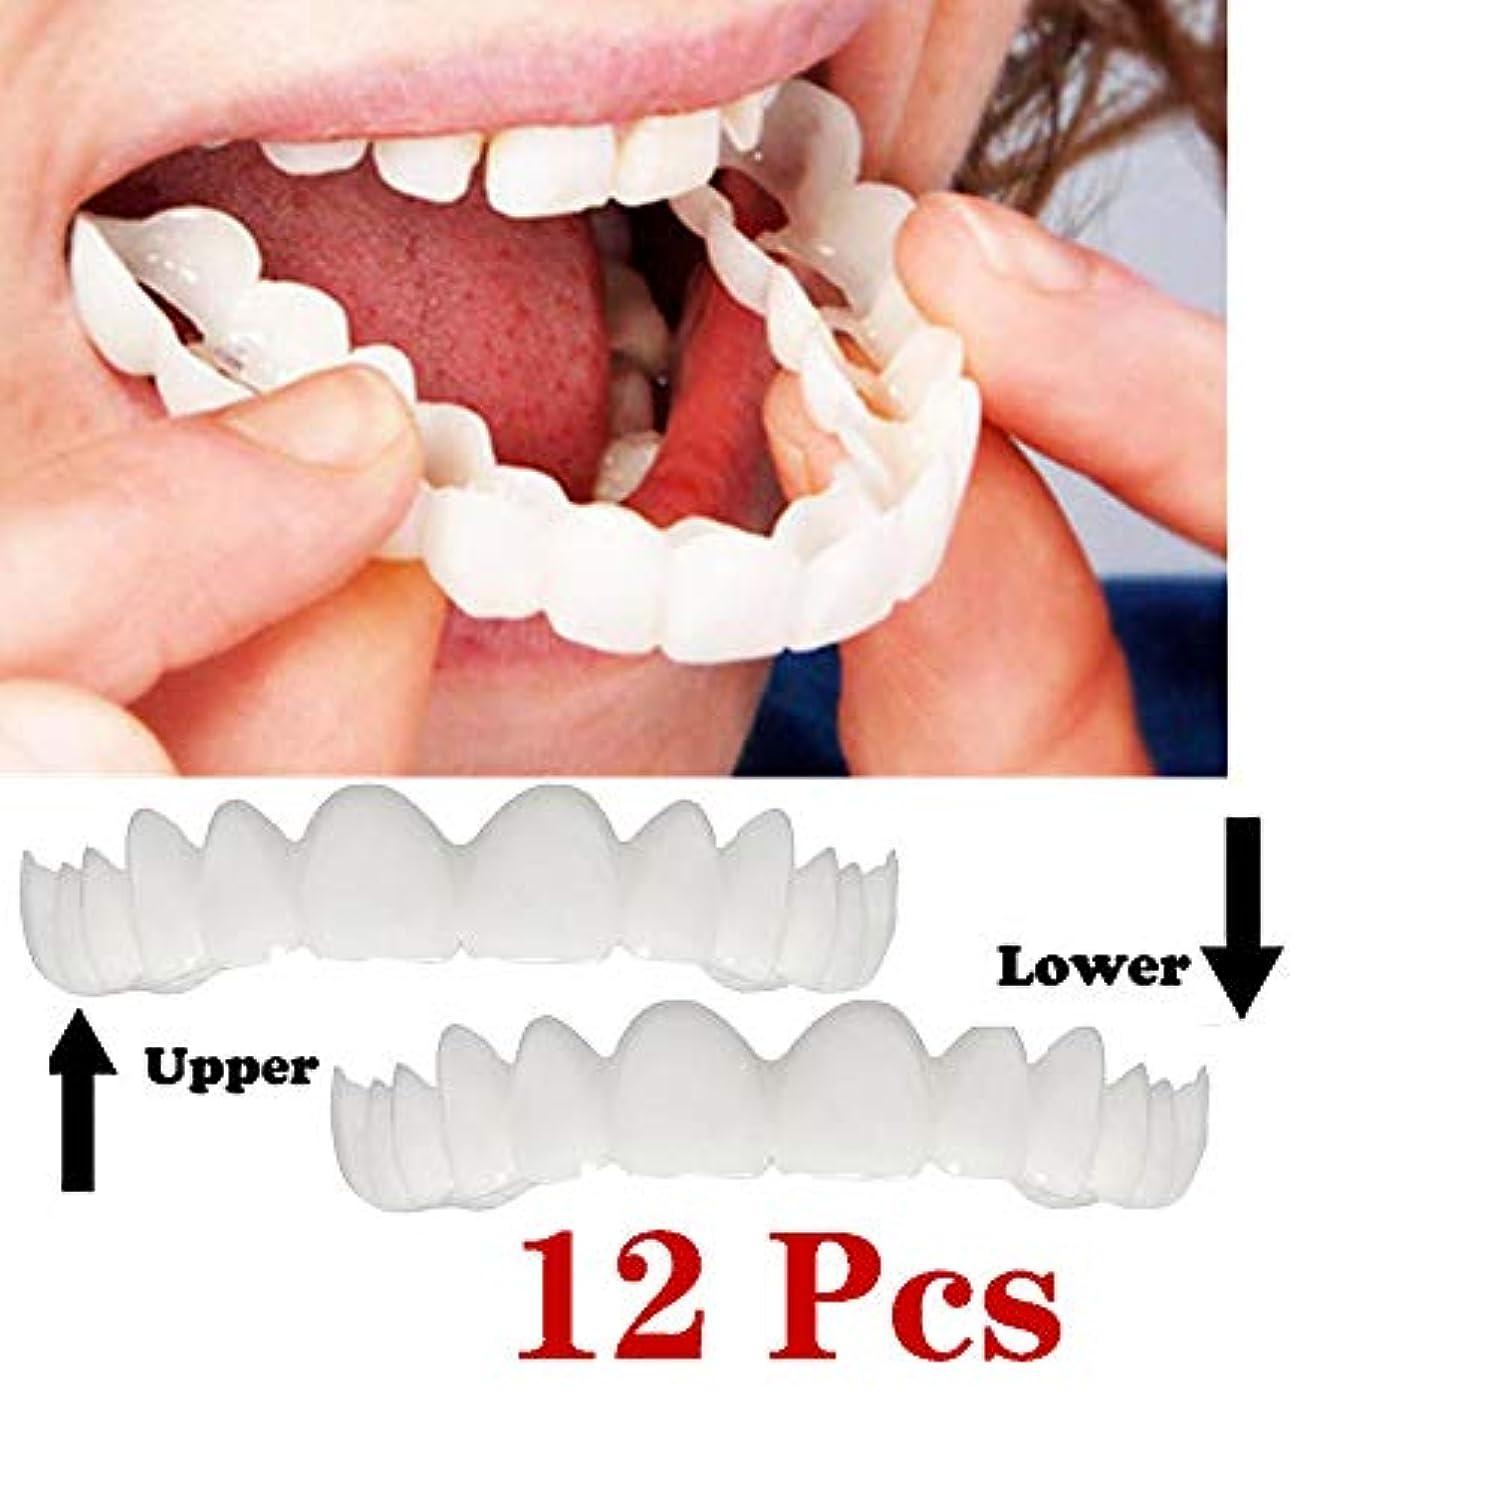 クラシカル横向き放散する快適な化粧品歯柔軟な義歯一時的な笑顔悪い歯黄色い歯黒い歯ホワイトニング義歯ケアブレース - 6セット(下+上)